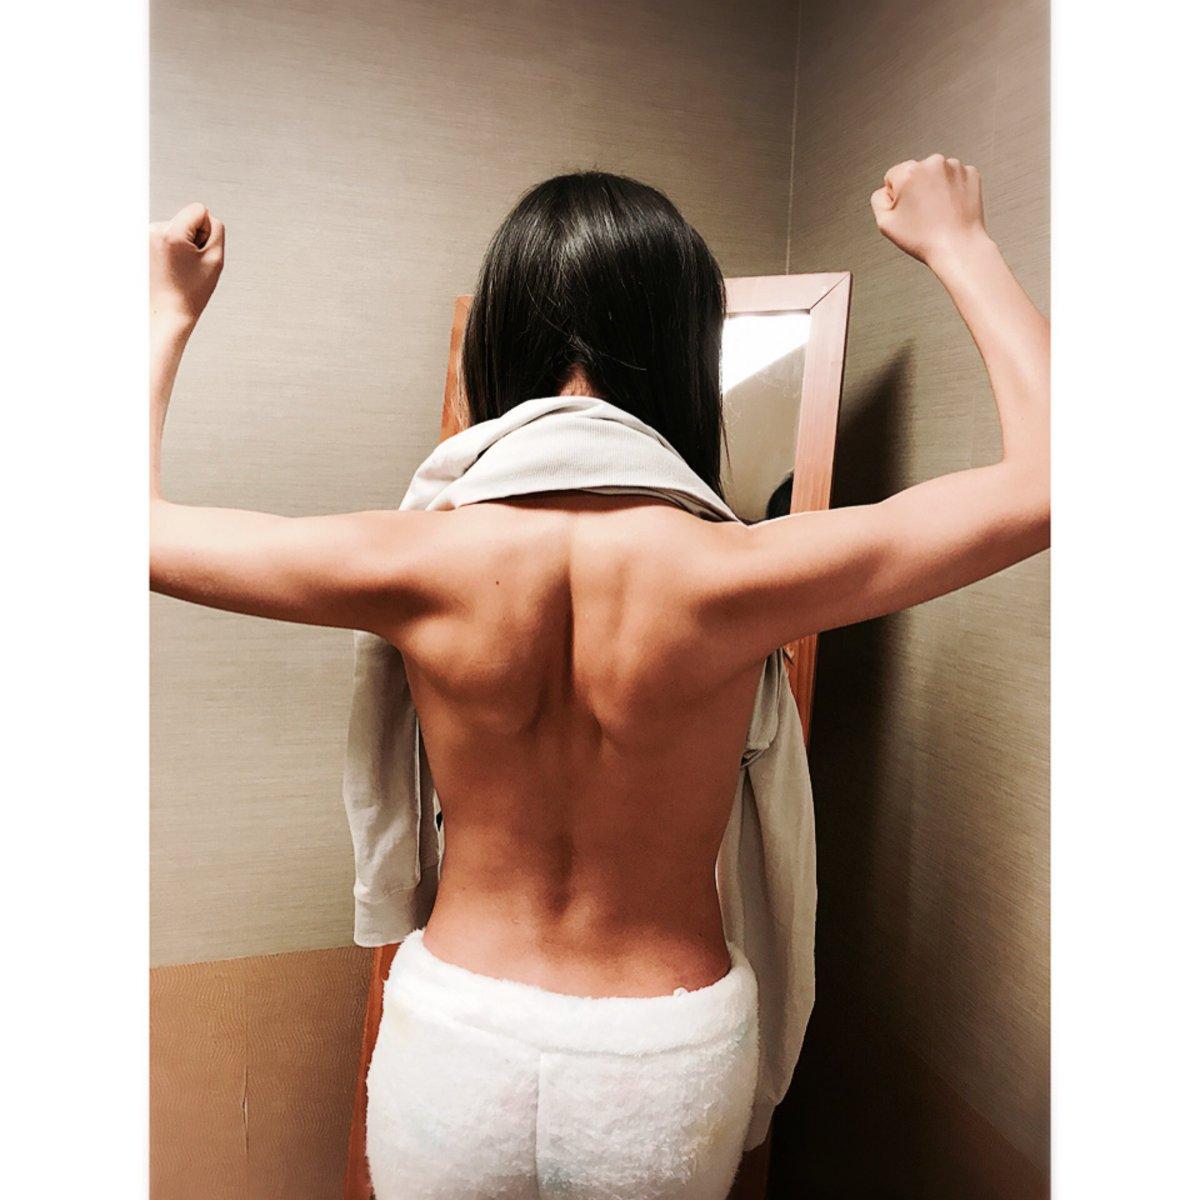 私の背筋  筋肉さんを育てるのが最近楽しくて仕方ないです。 https://t.co/vQUuvs8deK